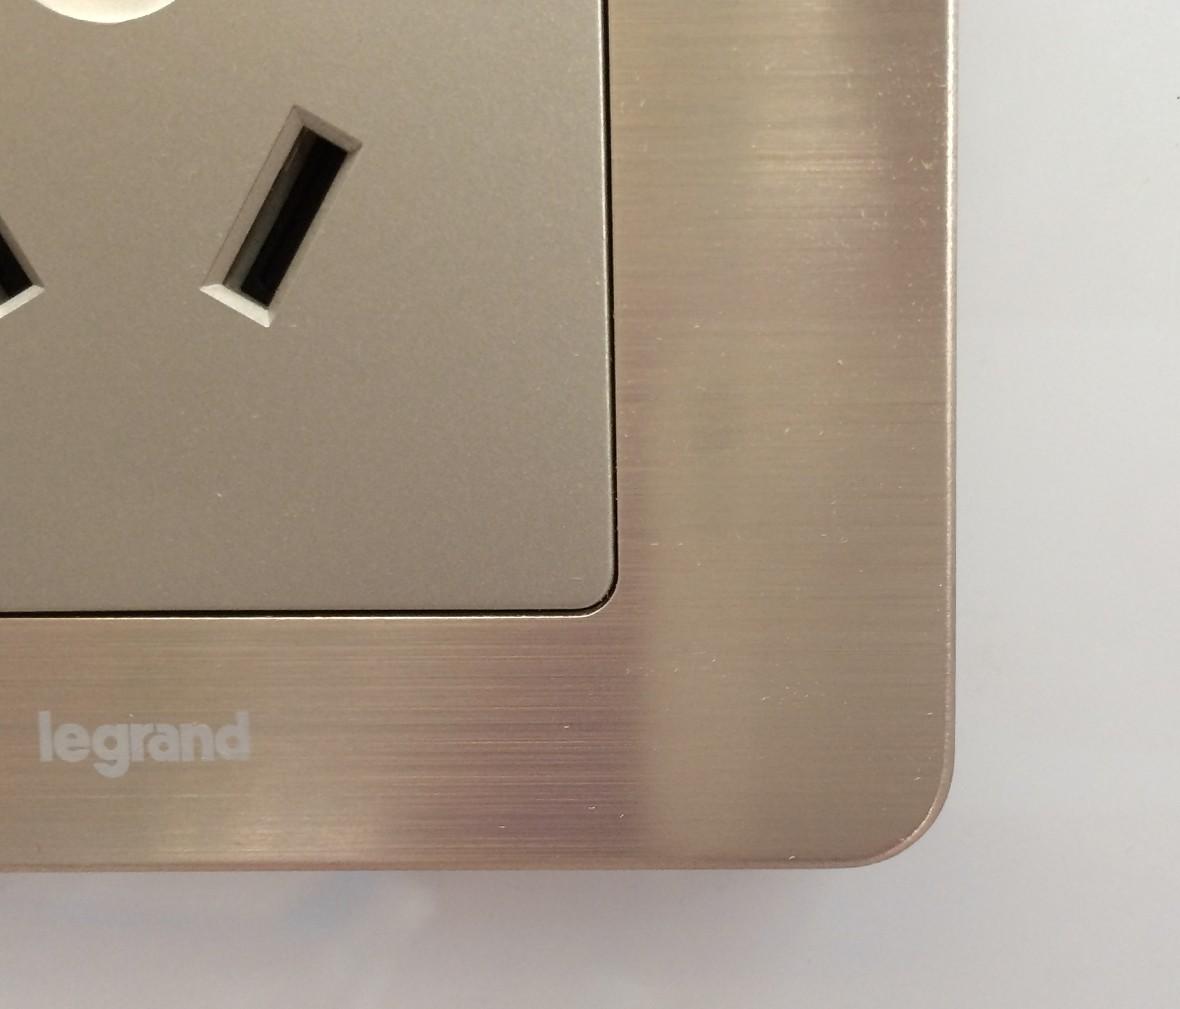 朗士灯饰 罗格朗逸典系列金色三孔16a 电源插座 插口